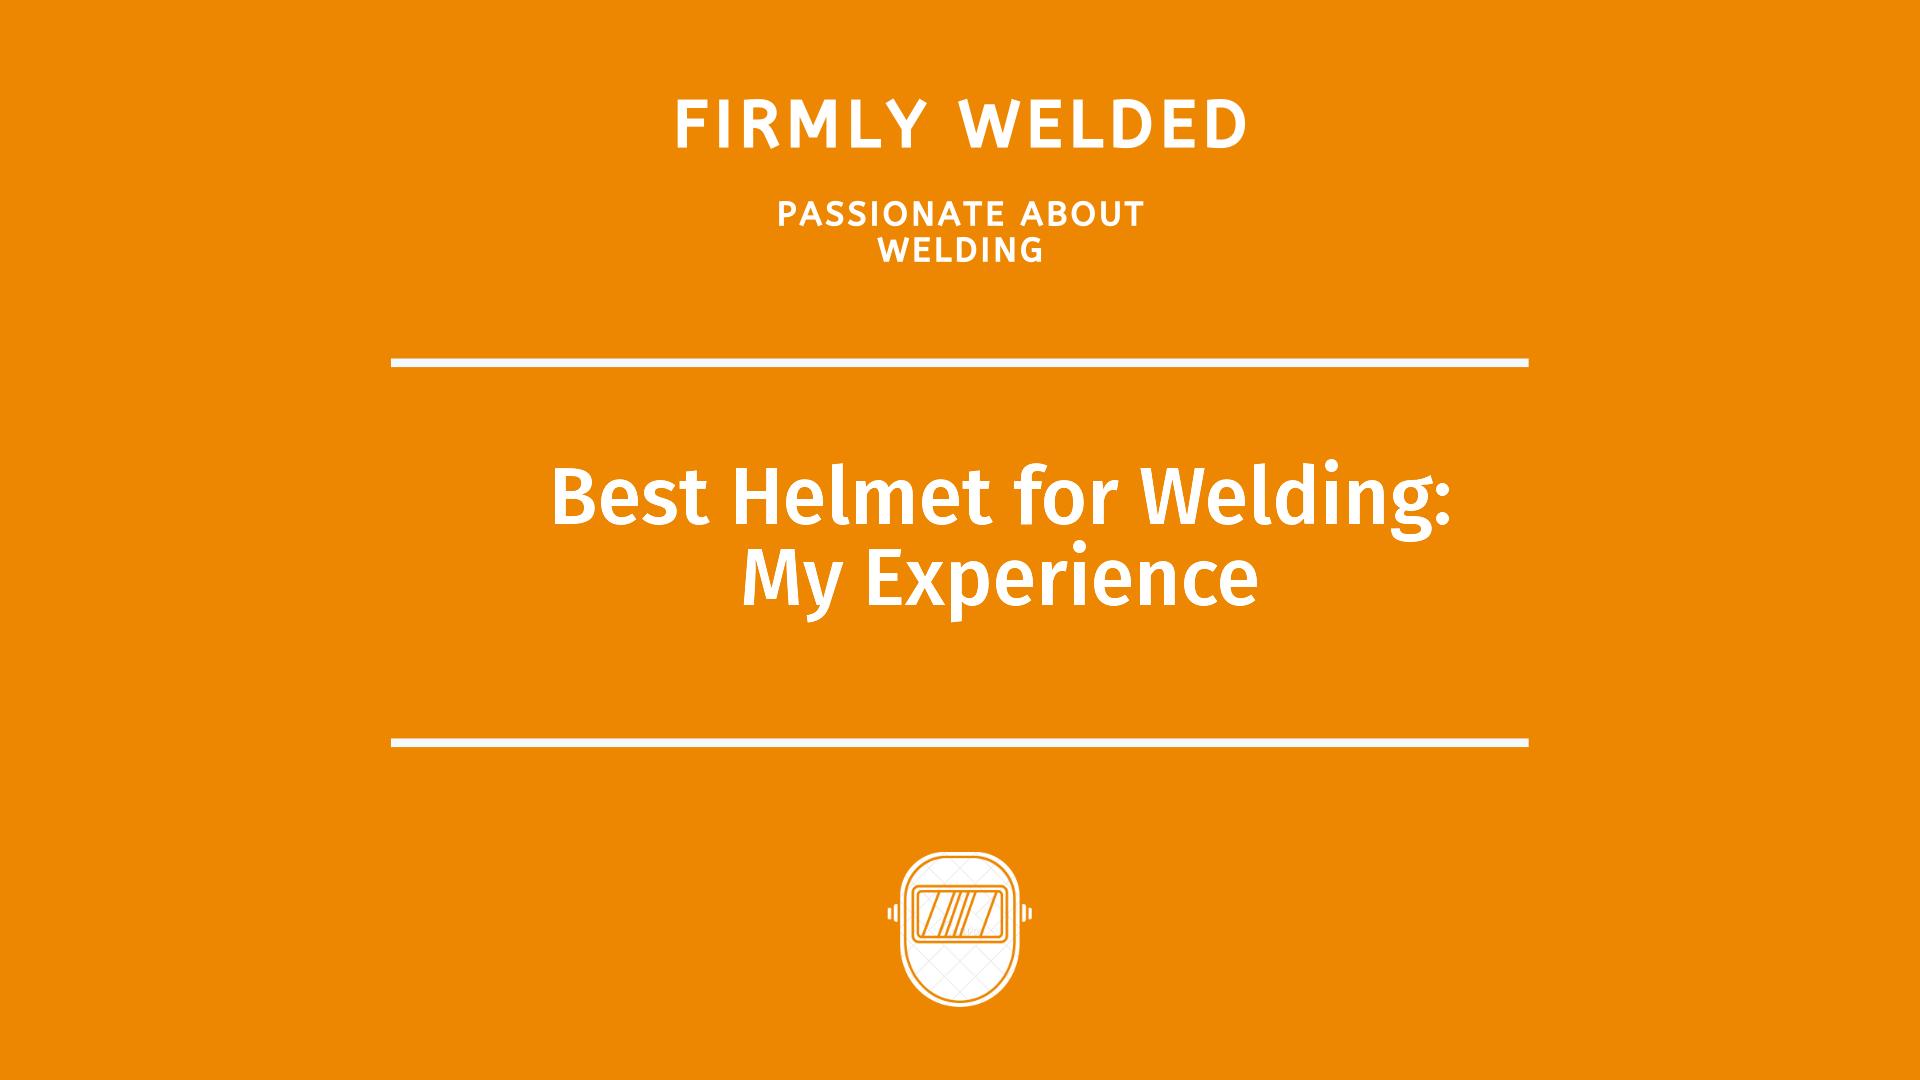 Best Helmet for Welding: My Experience